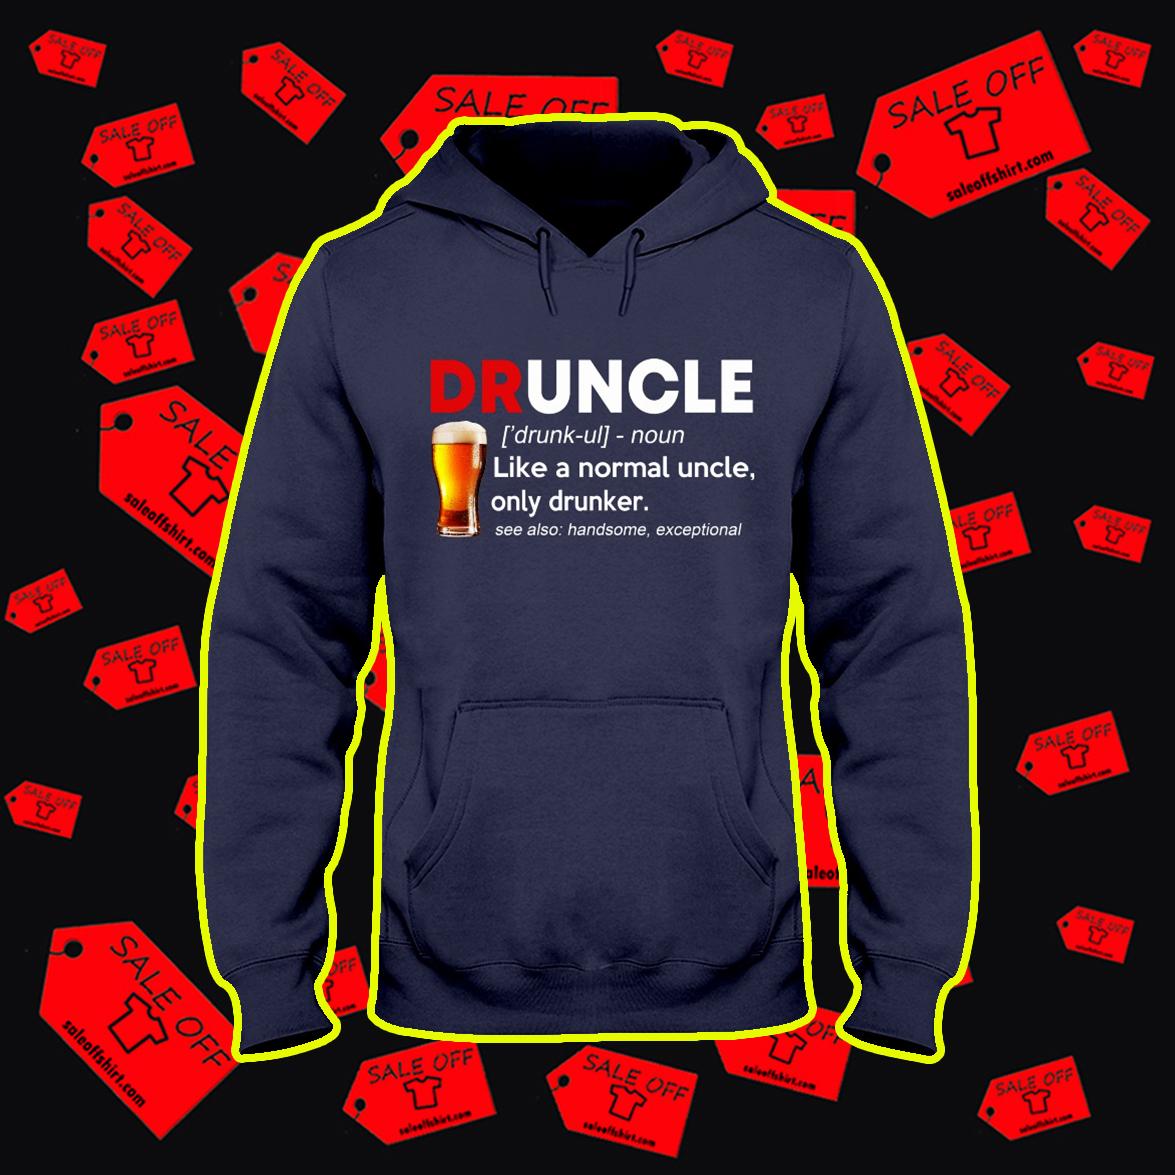 Beer Druncle Like A Normal Uncle Only Drunker hoodie